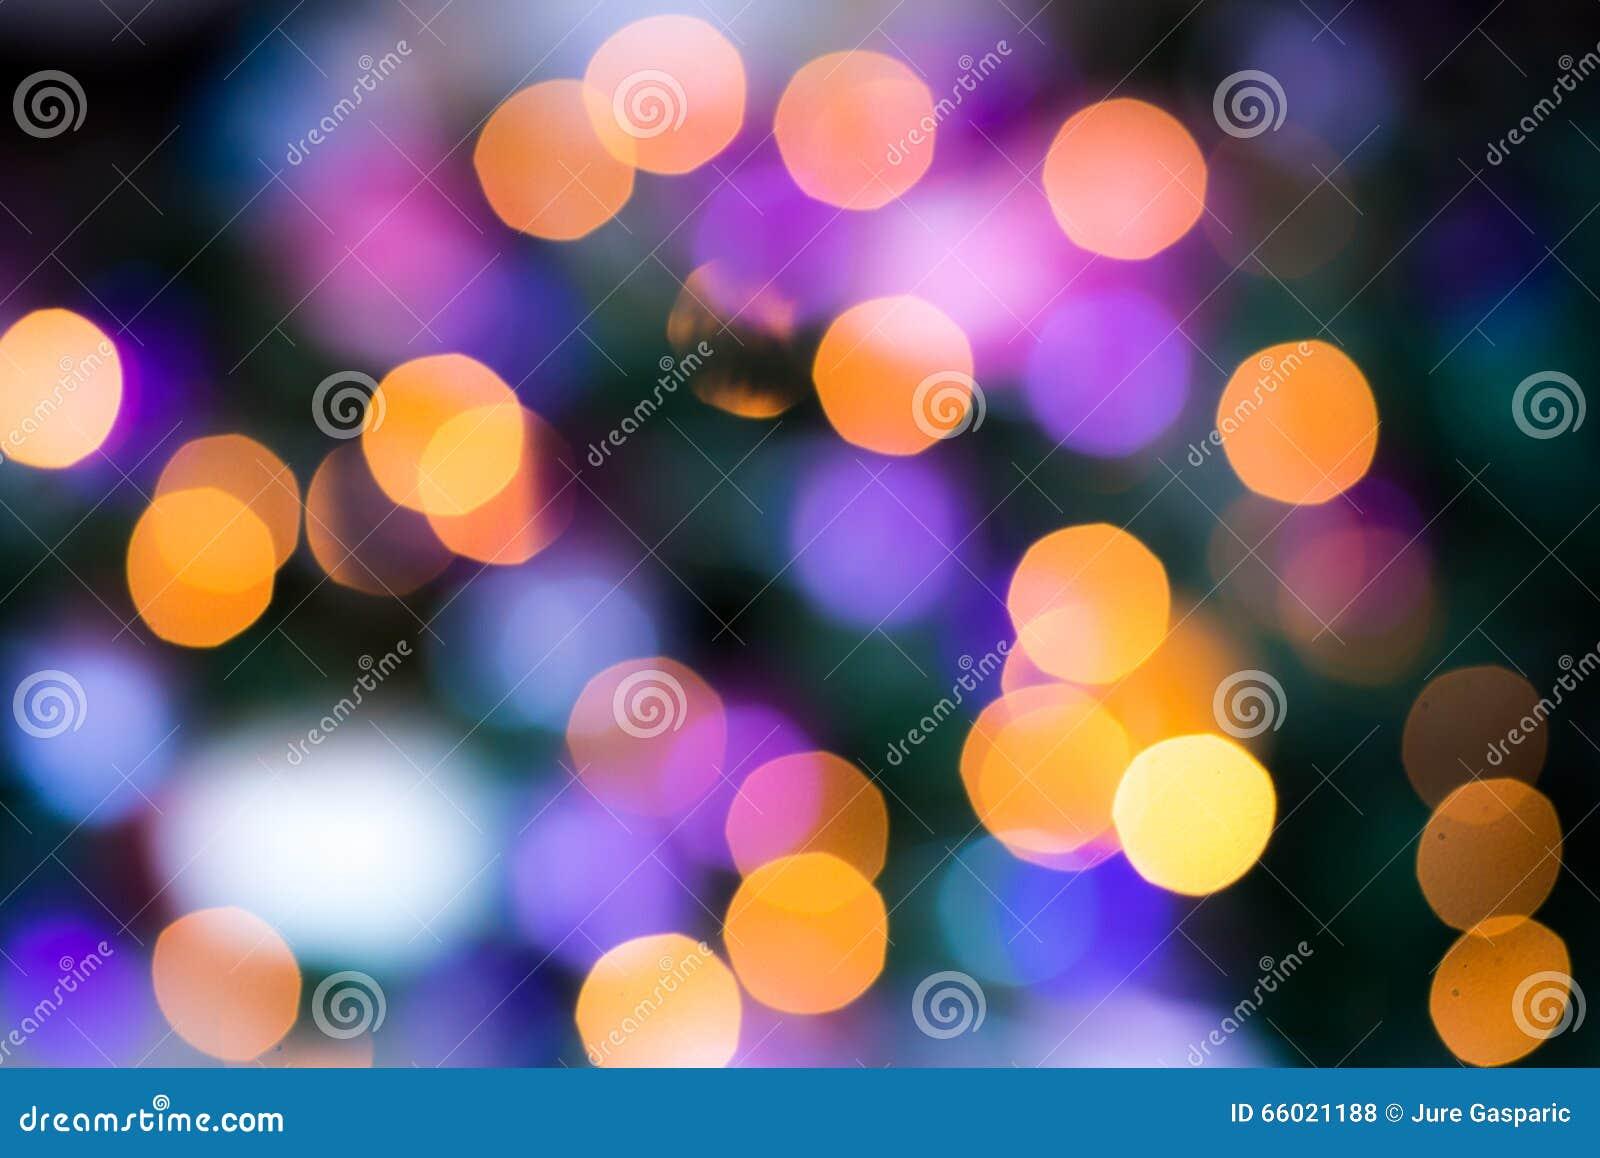 Abstract circular bokeh colors circles